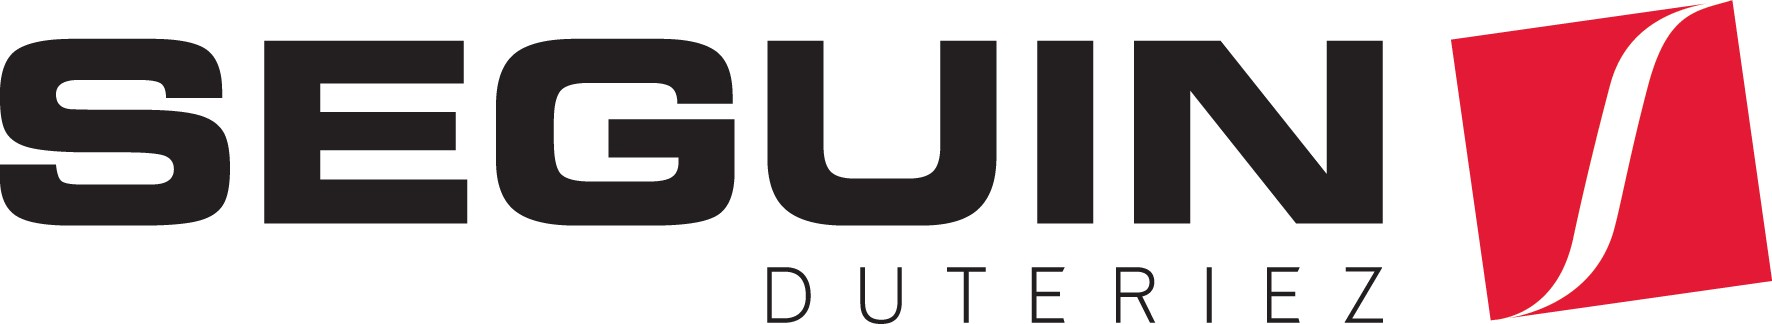 SEGUIN DUTERIEZ